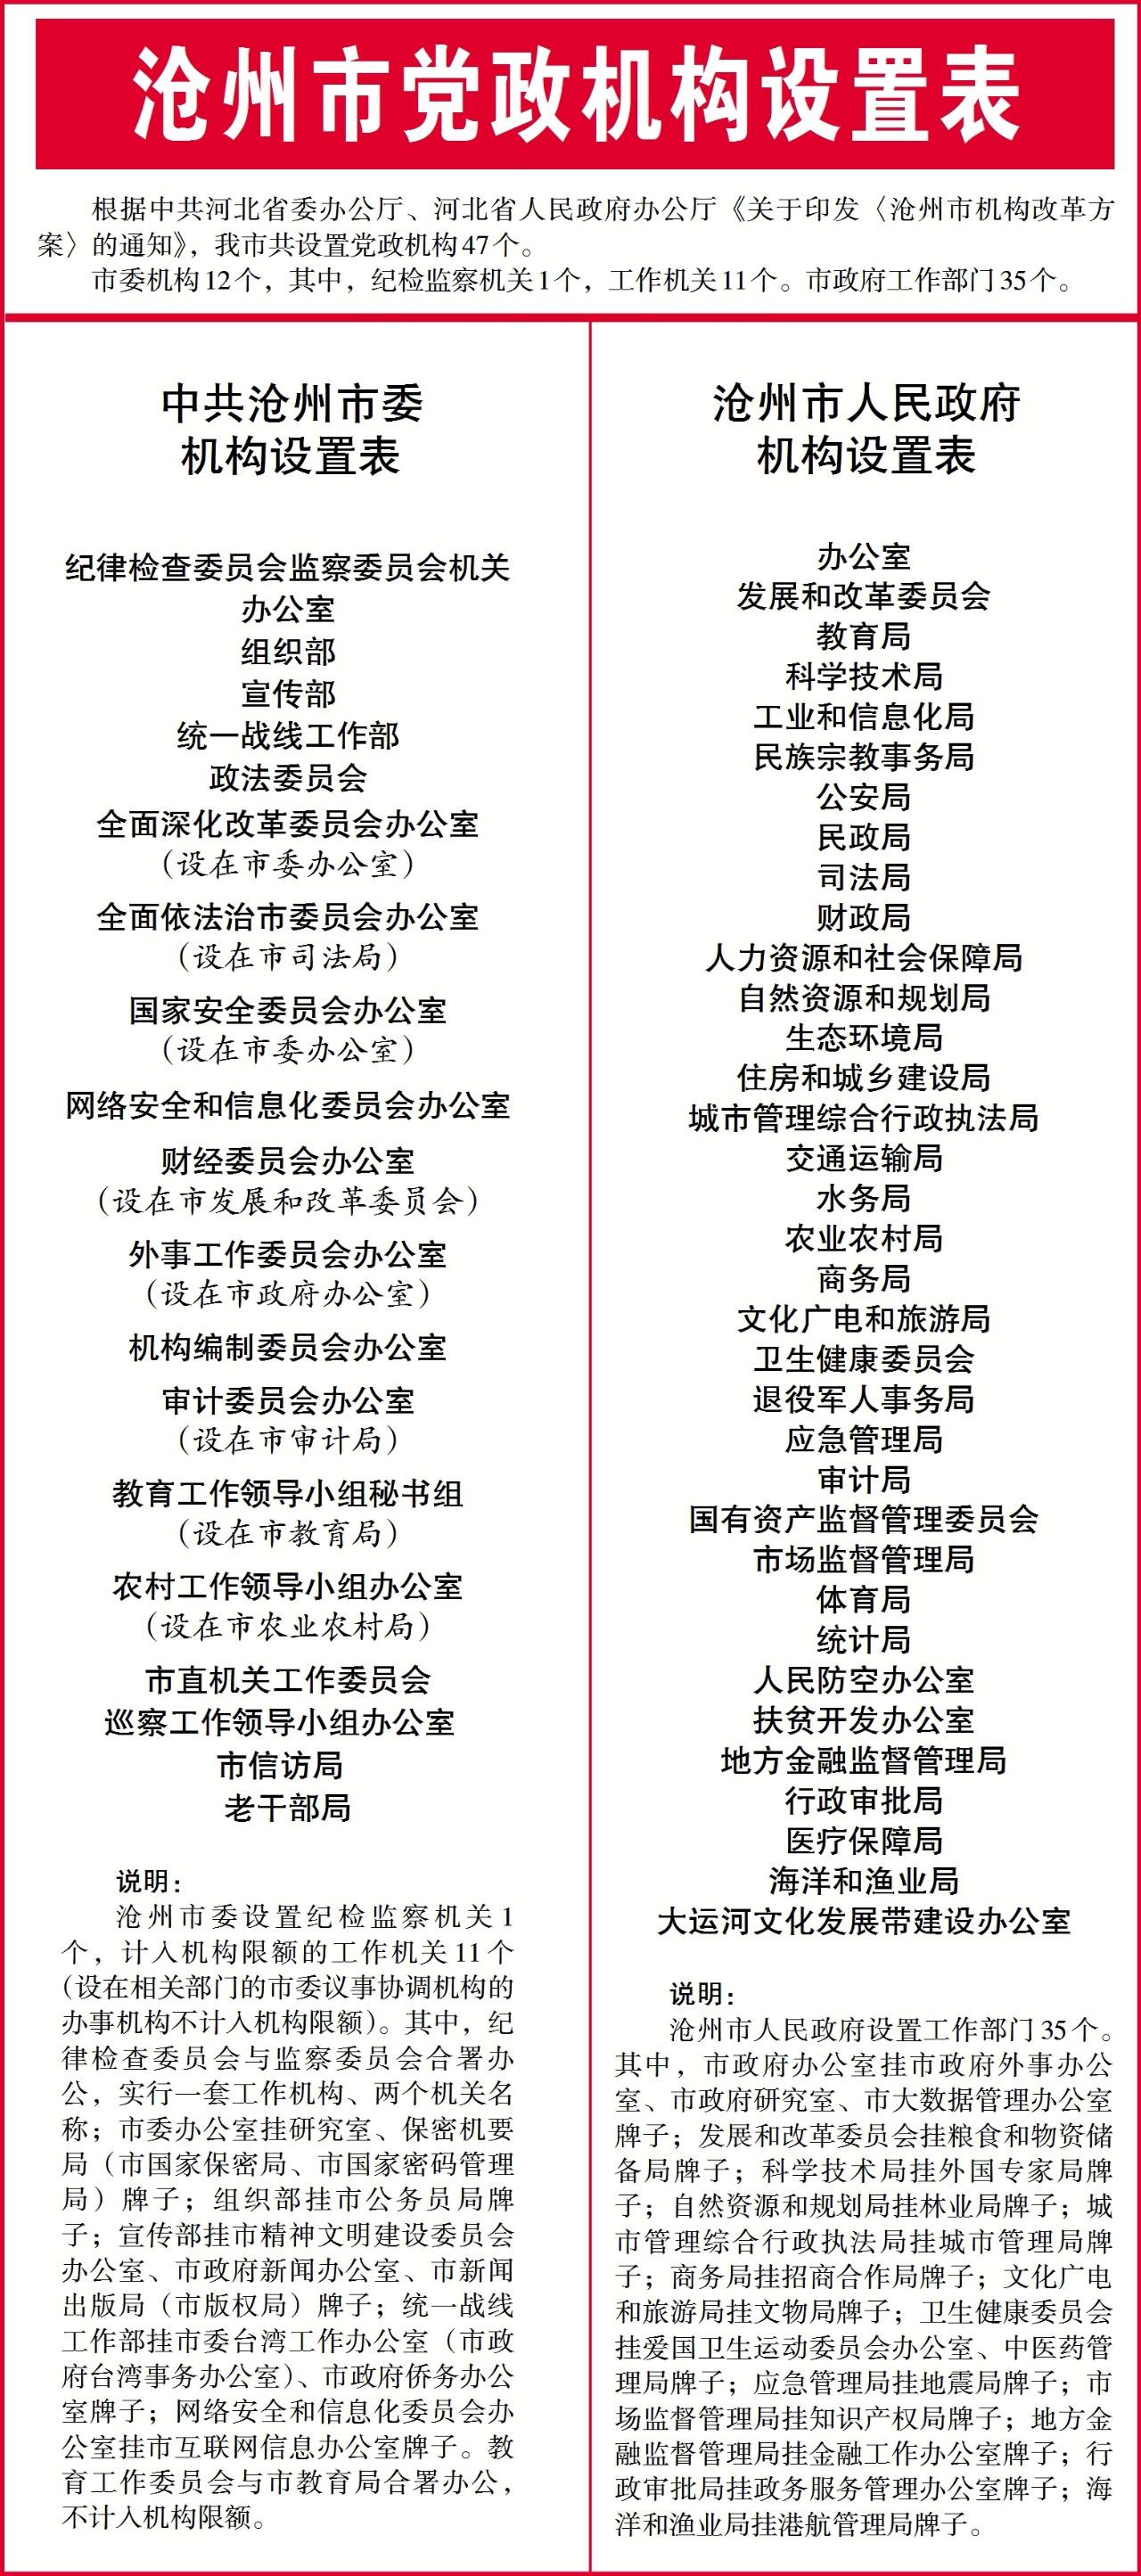 沧州市机构改革方案公布!